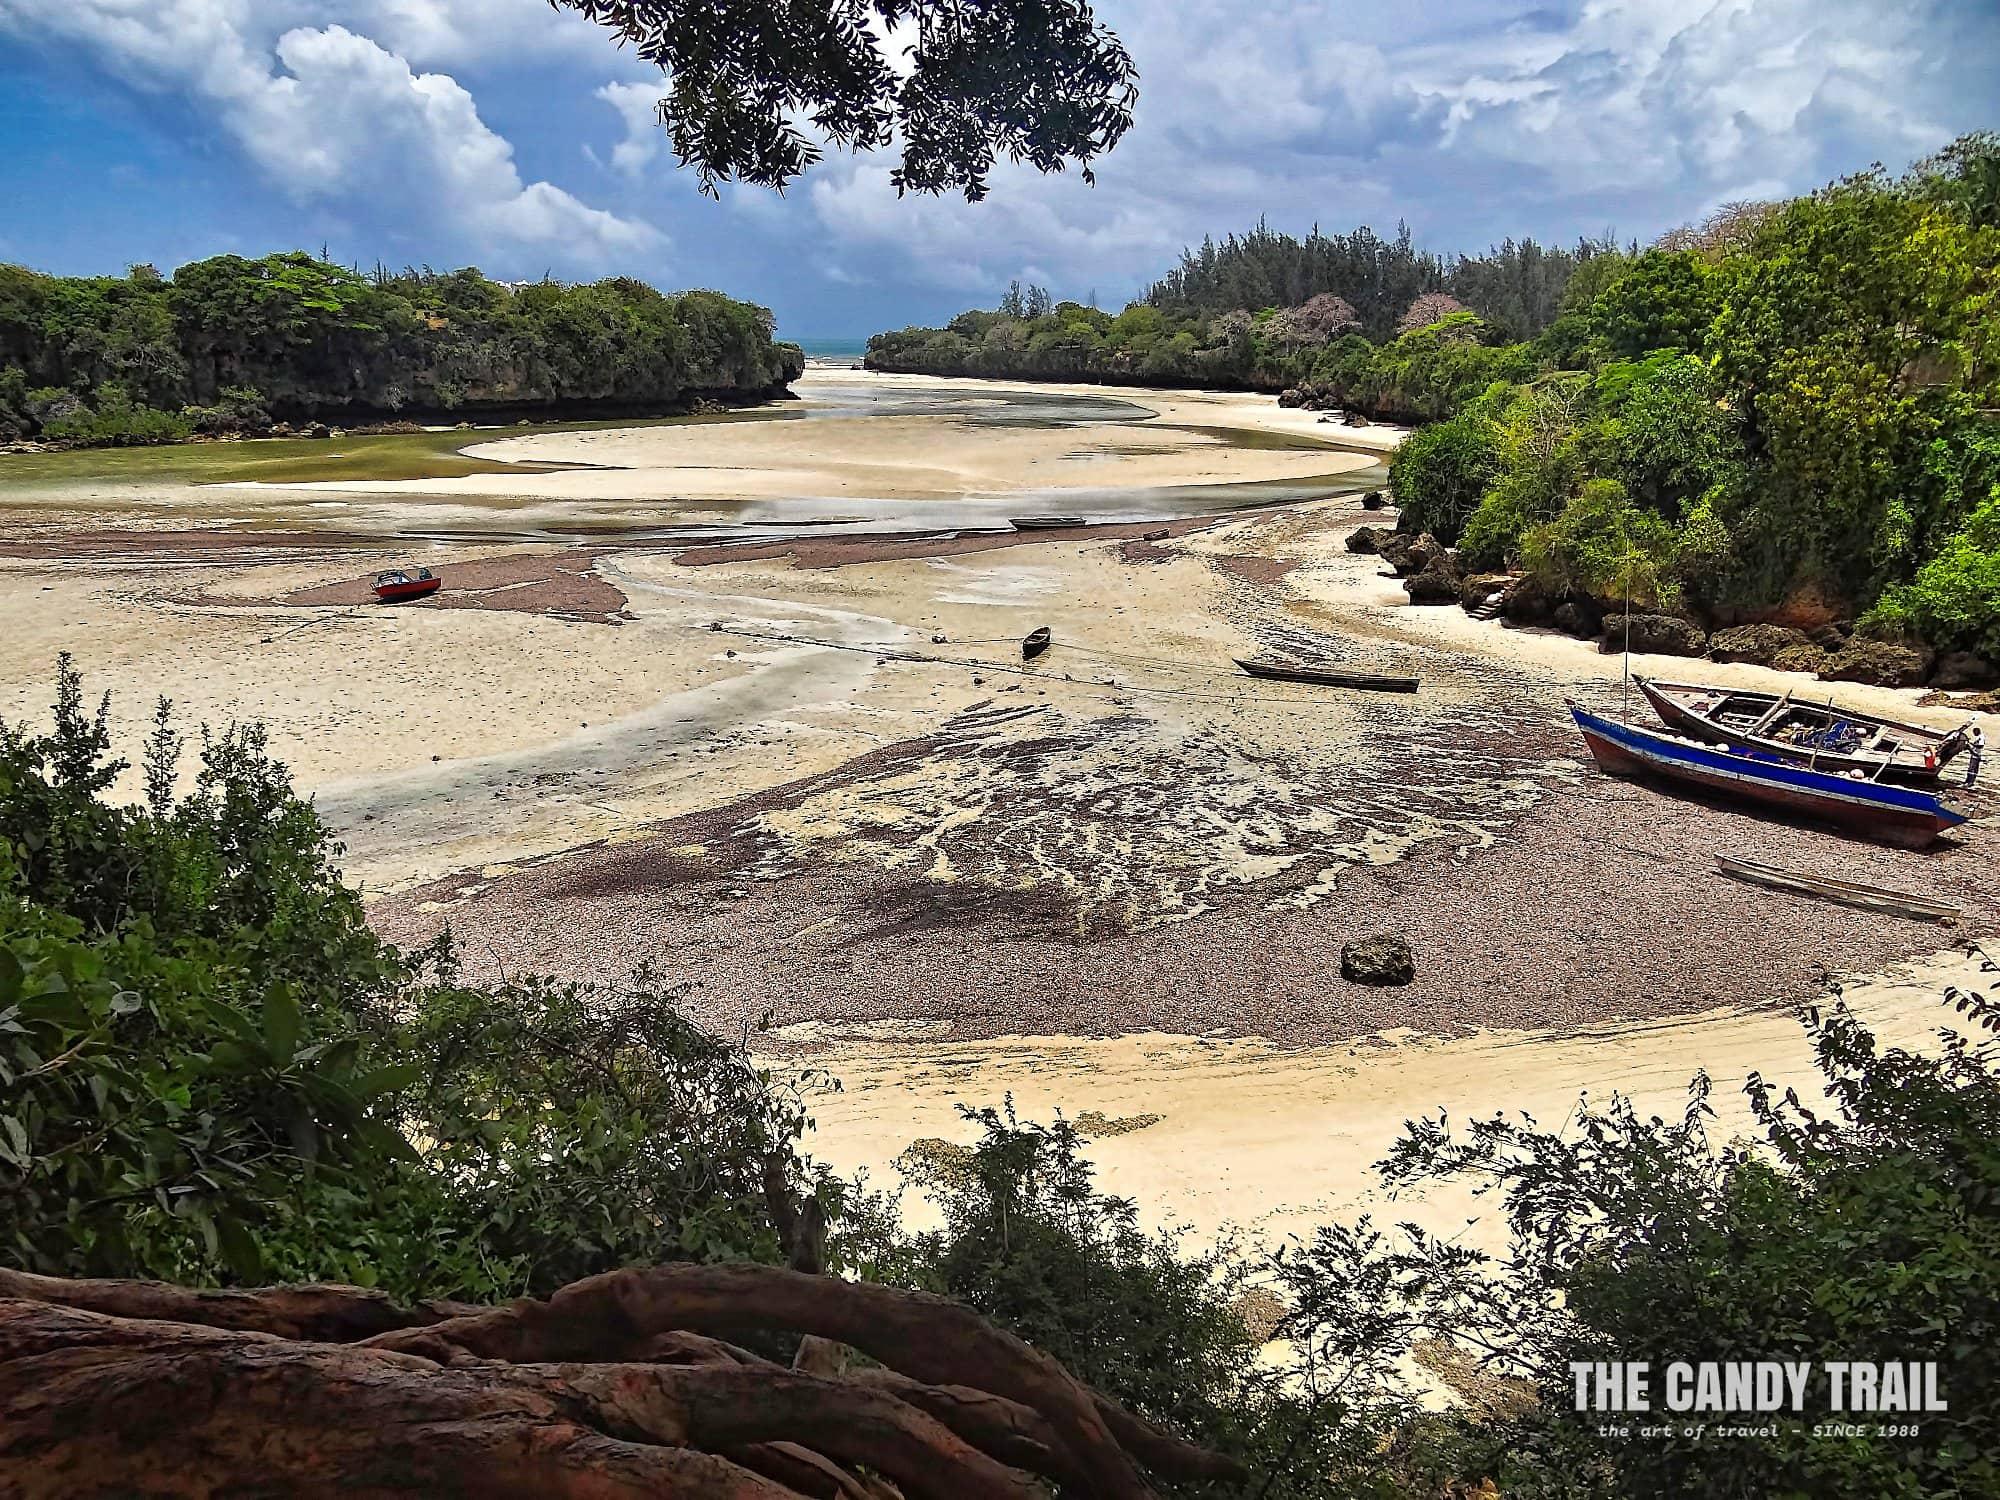 takaungu-village-river-swahili-coast-kenya